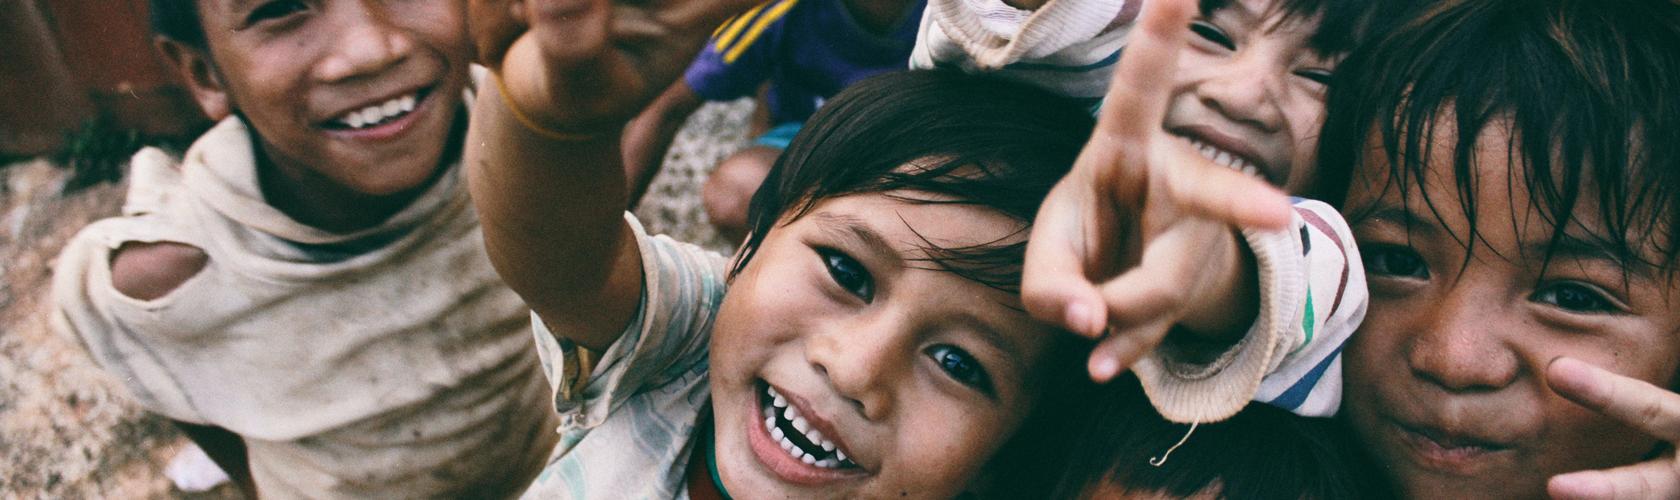 World Children's Day 2021